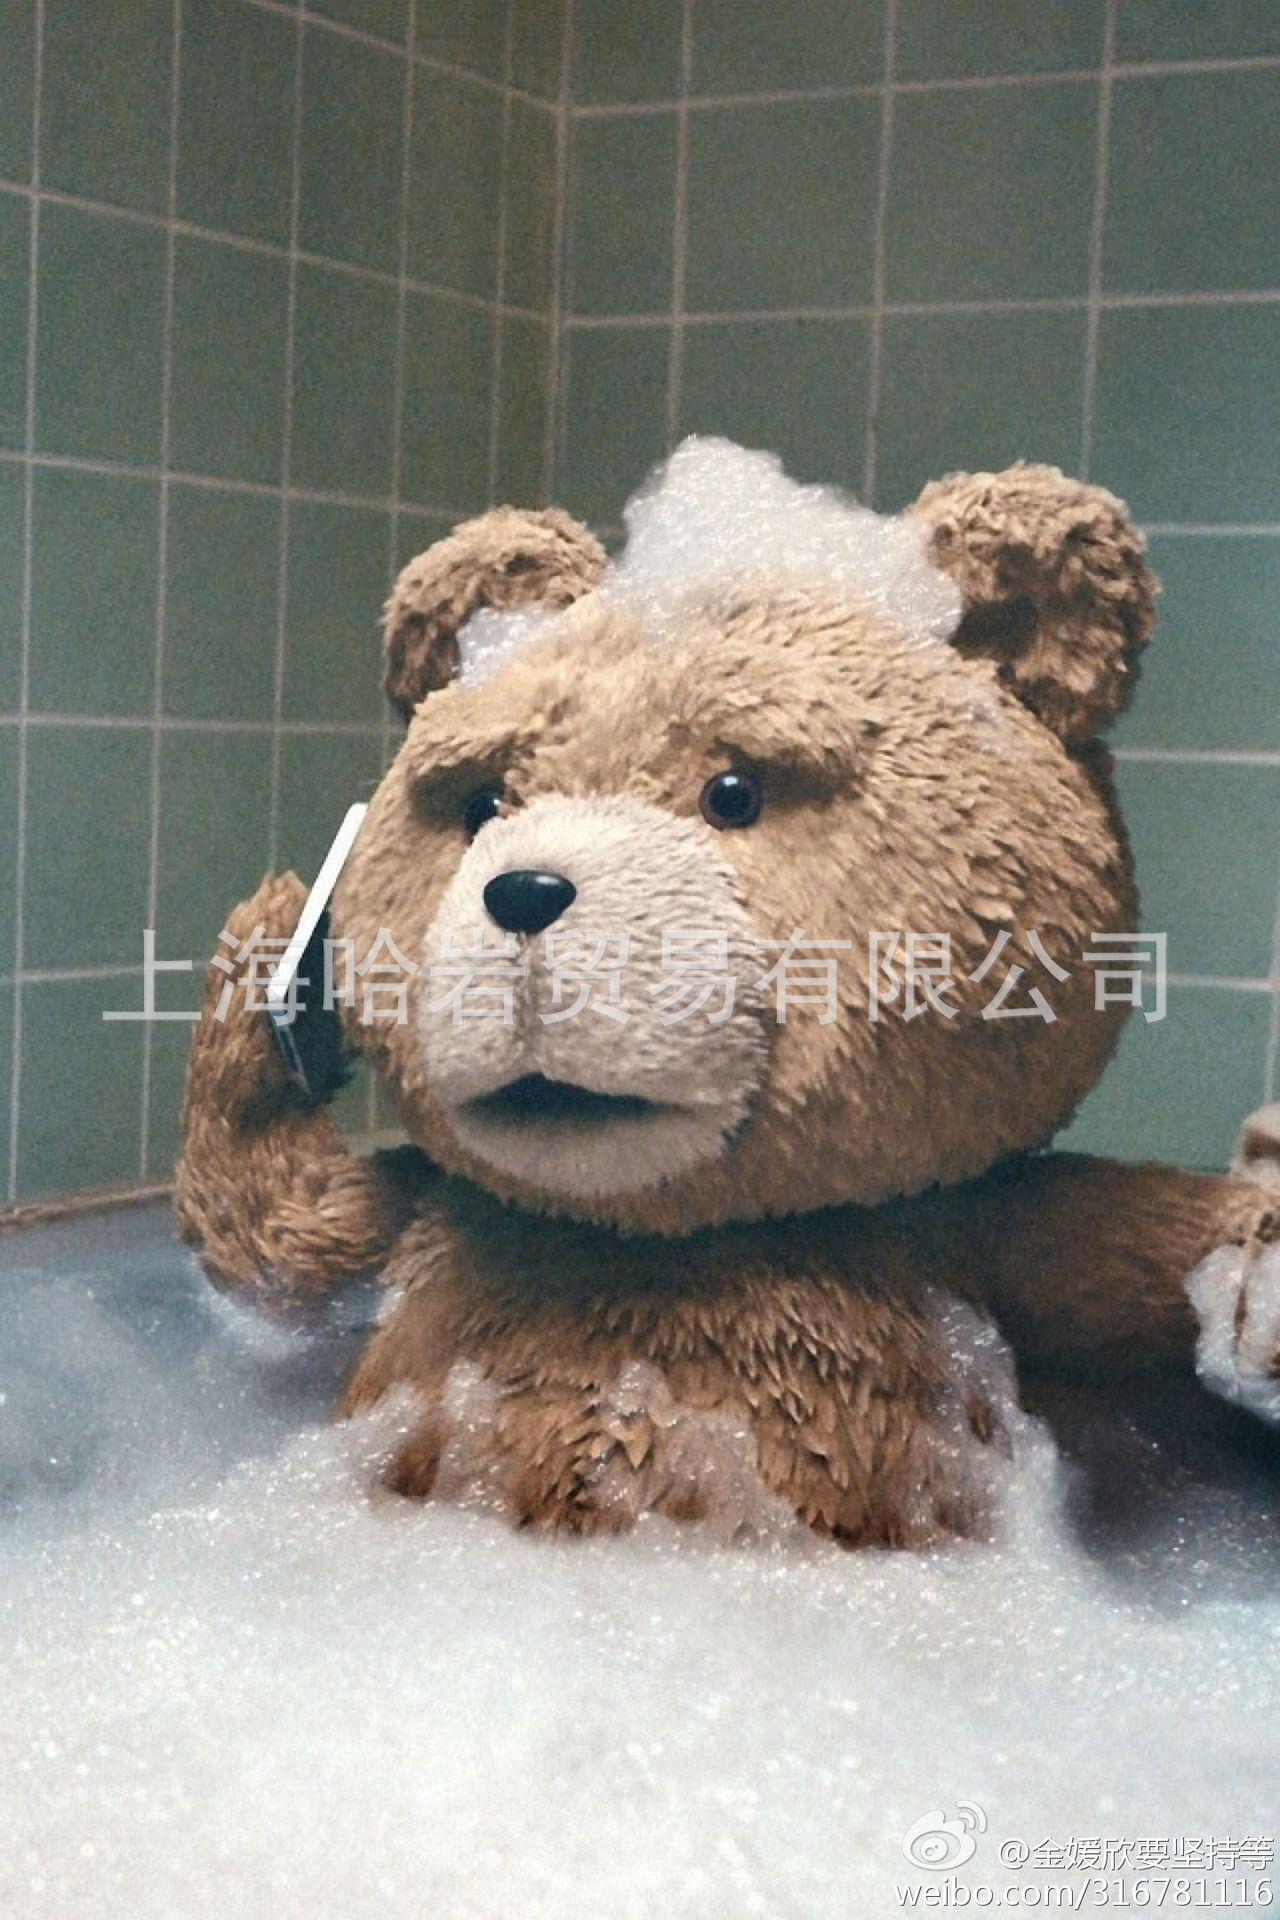 美国电影泰迪熊ted_美国电影泰迪熊ted_电影泰迪熊ted萌贱熊_电影